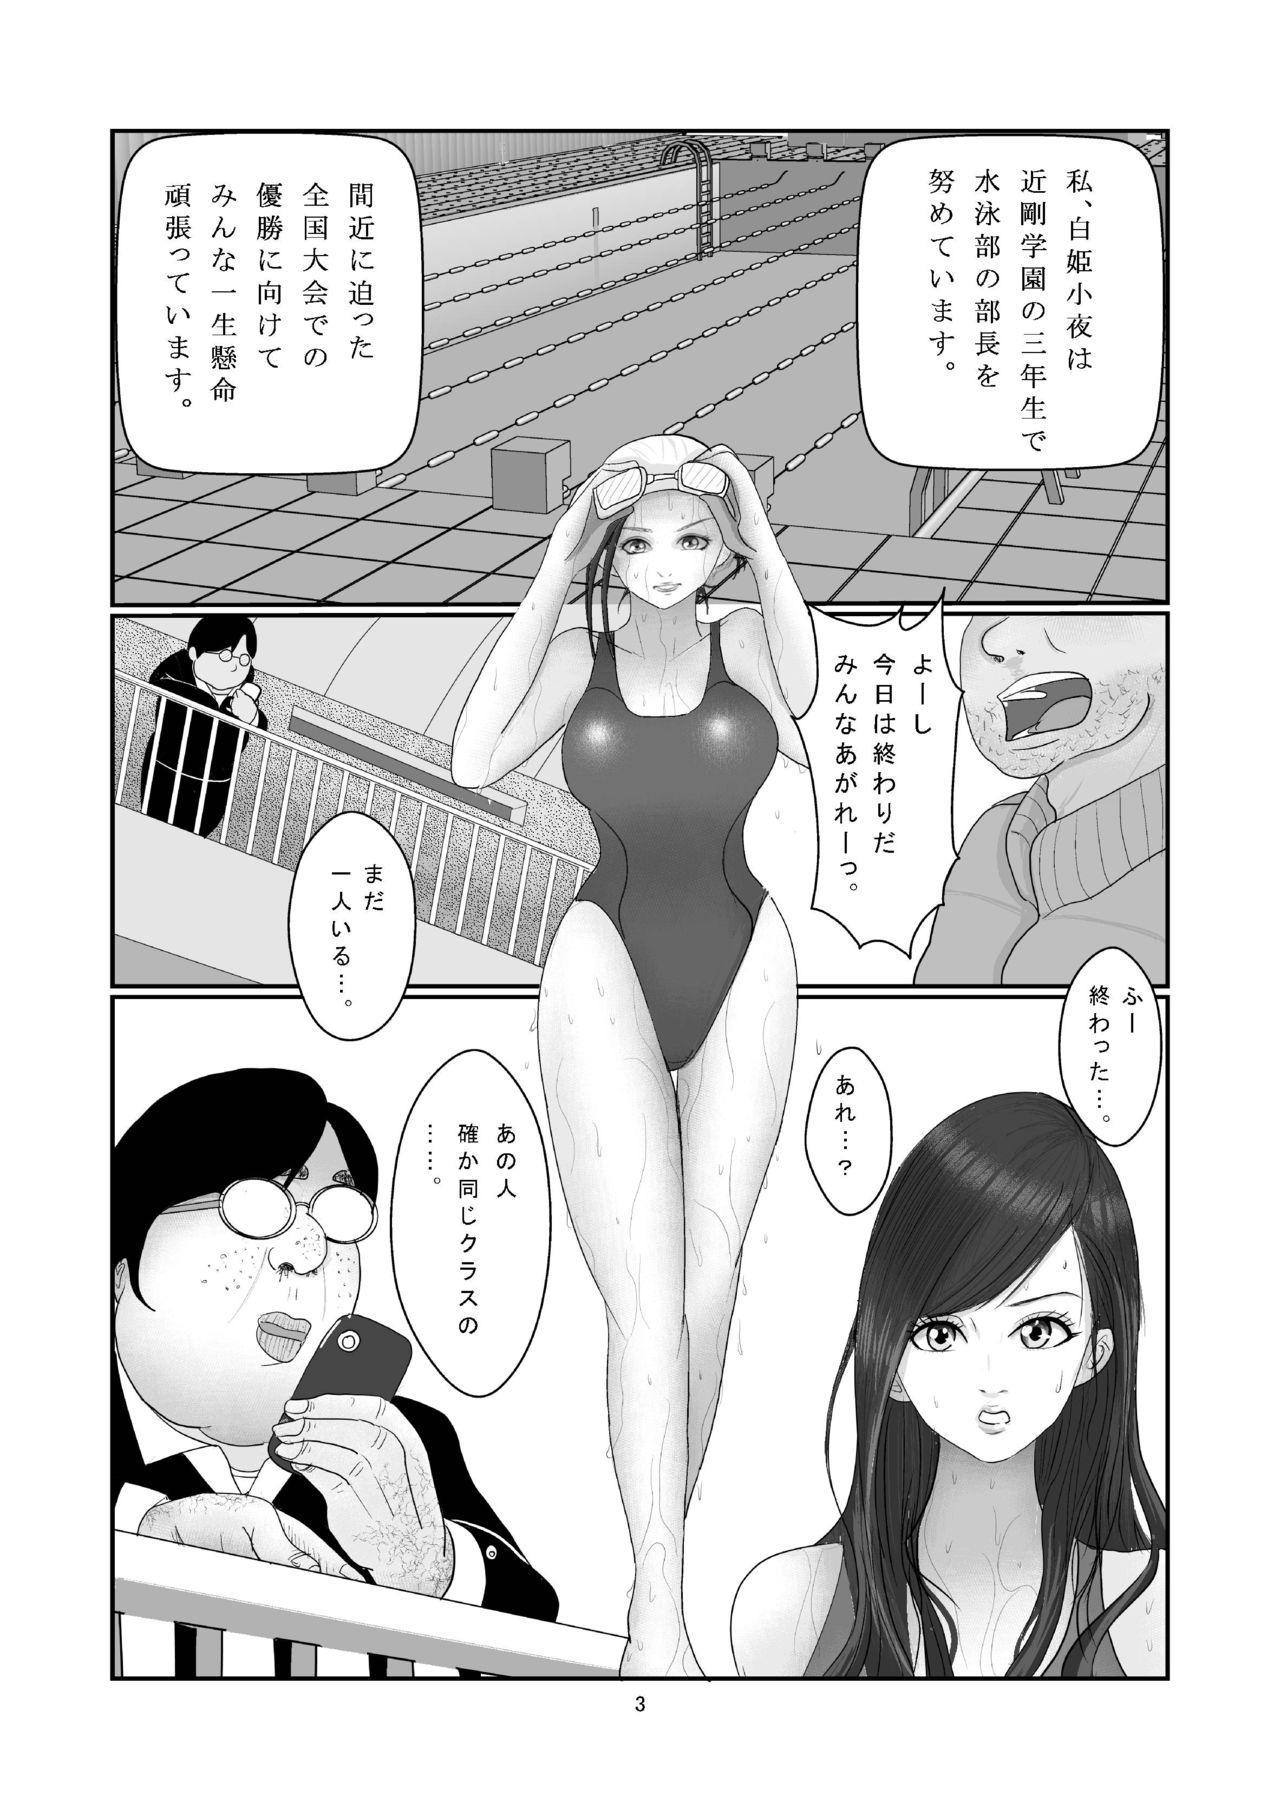 Suieibu - Shirahime Saya no Dokuzai 3